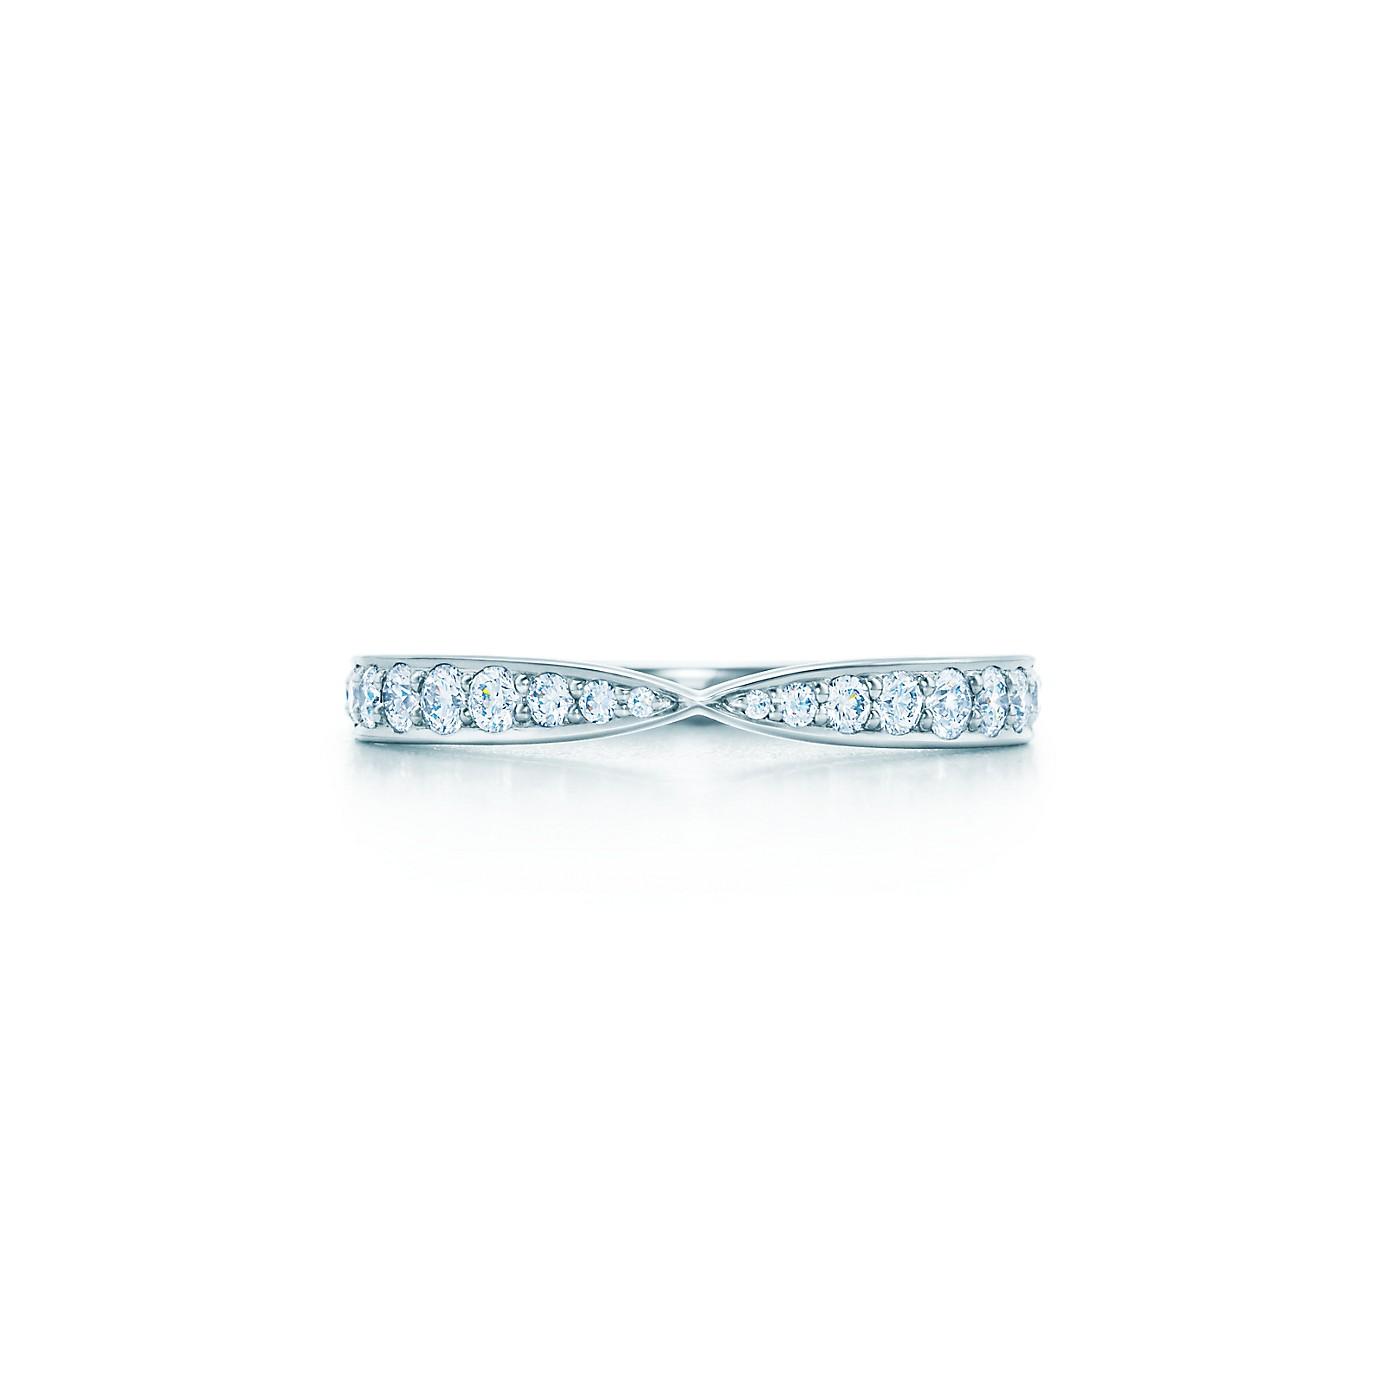 ティファニー ハーモニー ビーズ セット ダイヤモンド リング(1)―Tiffany & Co.(ティファニー)